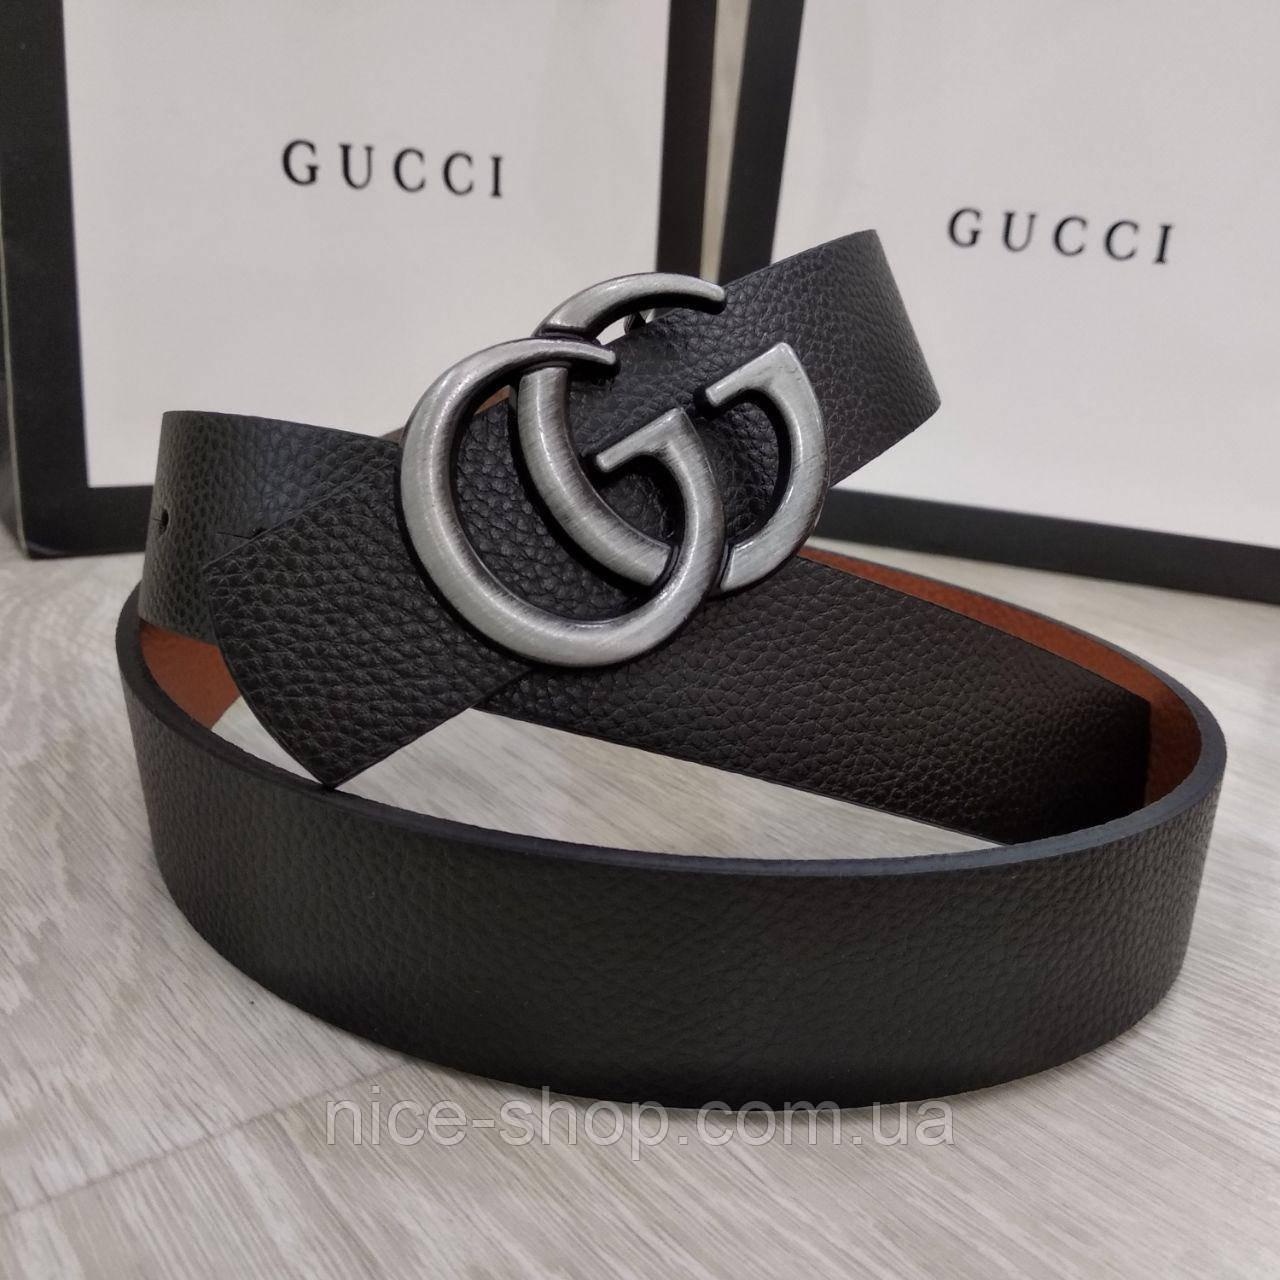 Ремень Gucci черный с серебряной матовой пряжкой, узкий, 3 см